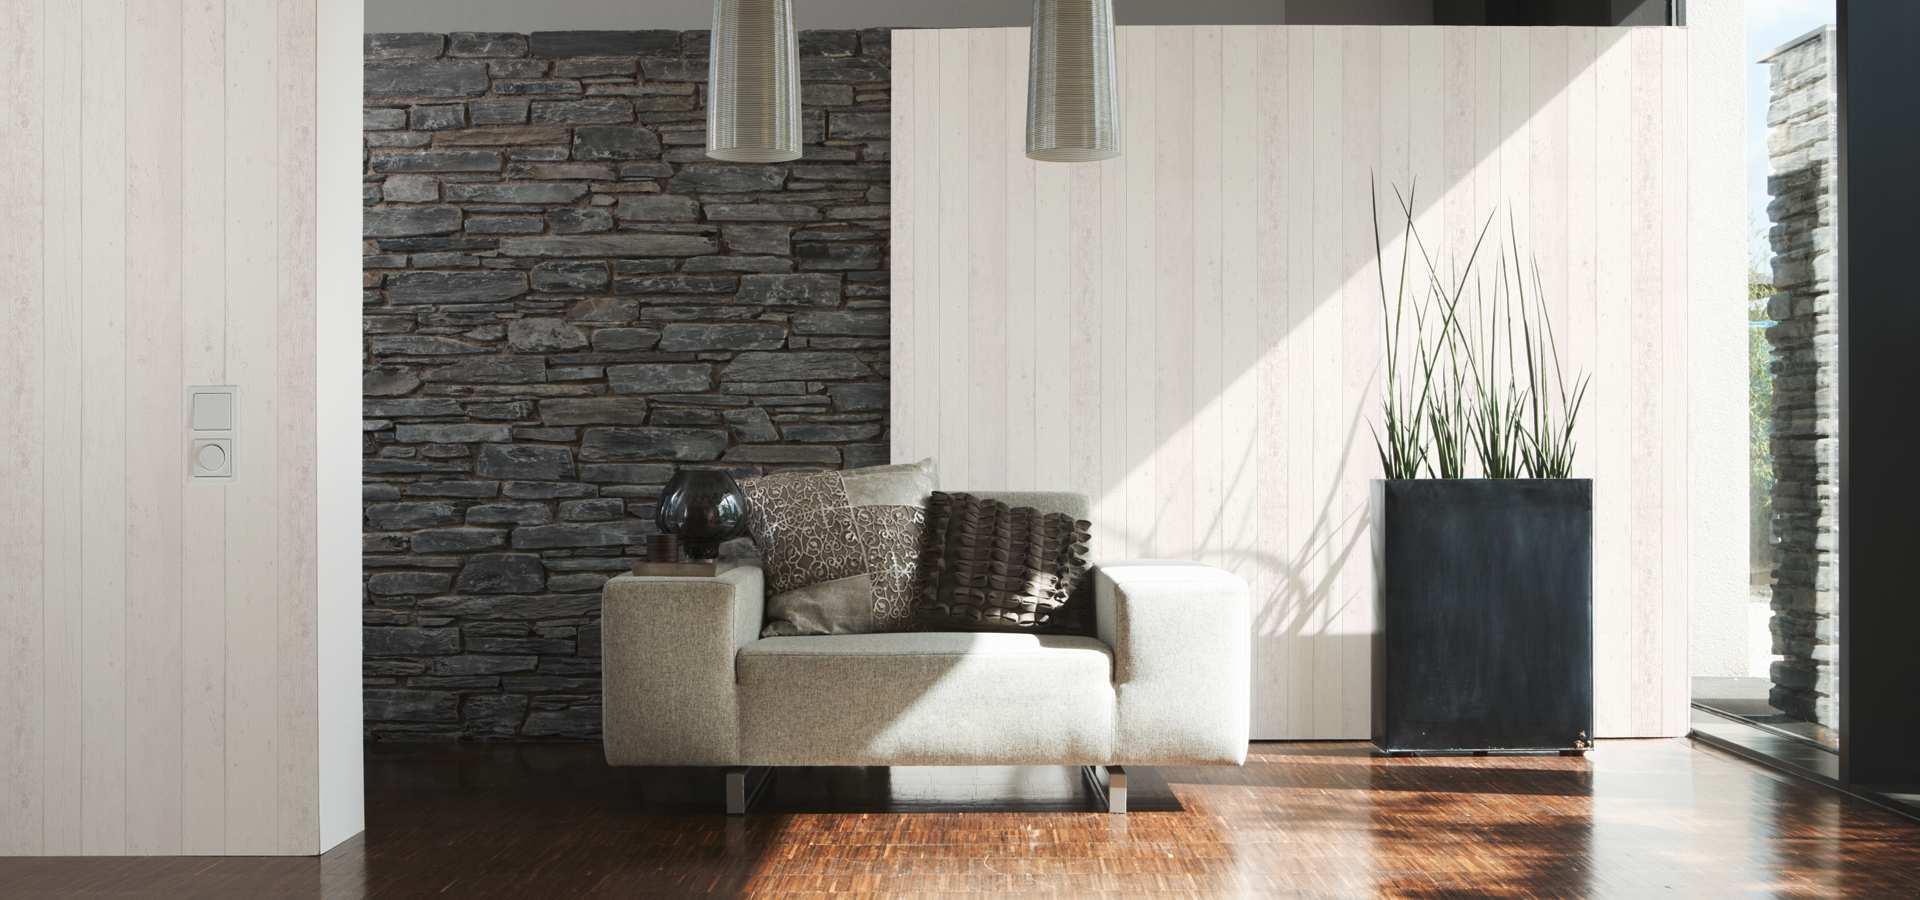 Bild von weißem Sofa und Steinwand